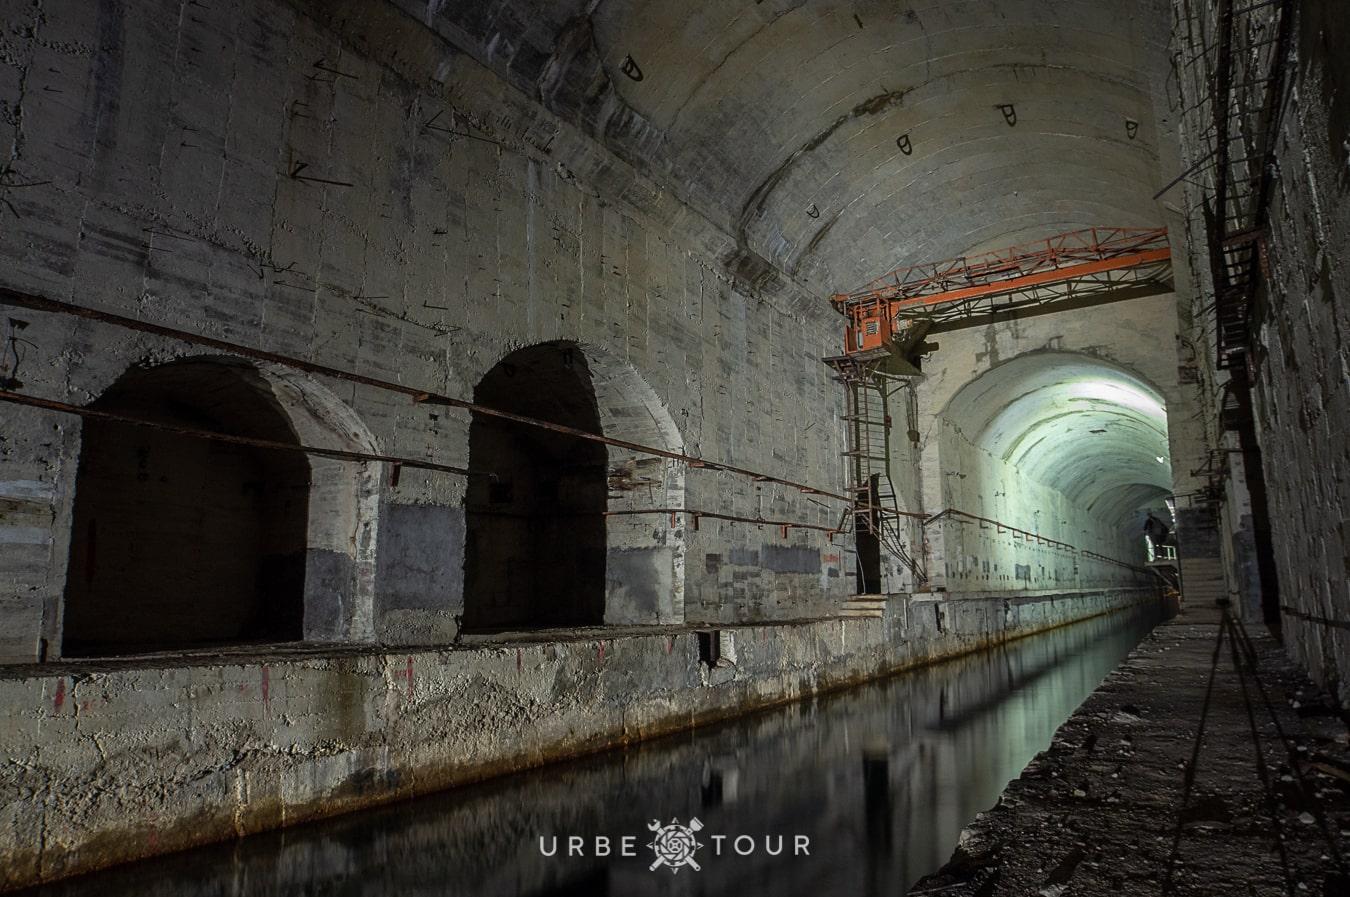 porto-palermo-submarine-base-albania-9 Подземная база для подводных лодок в Порто Палермо, Албания